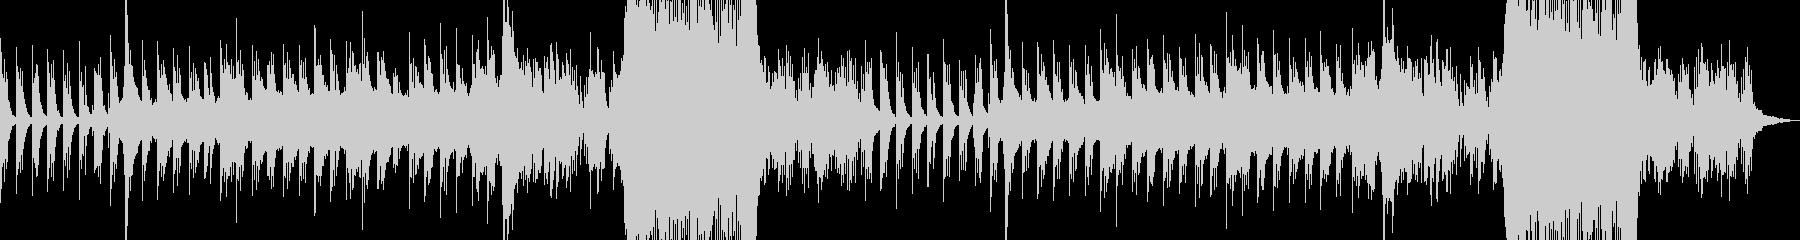 ピアノが印象的なエンドロールソングの未再生の波形